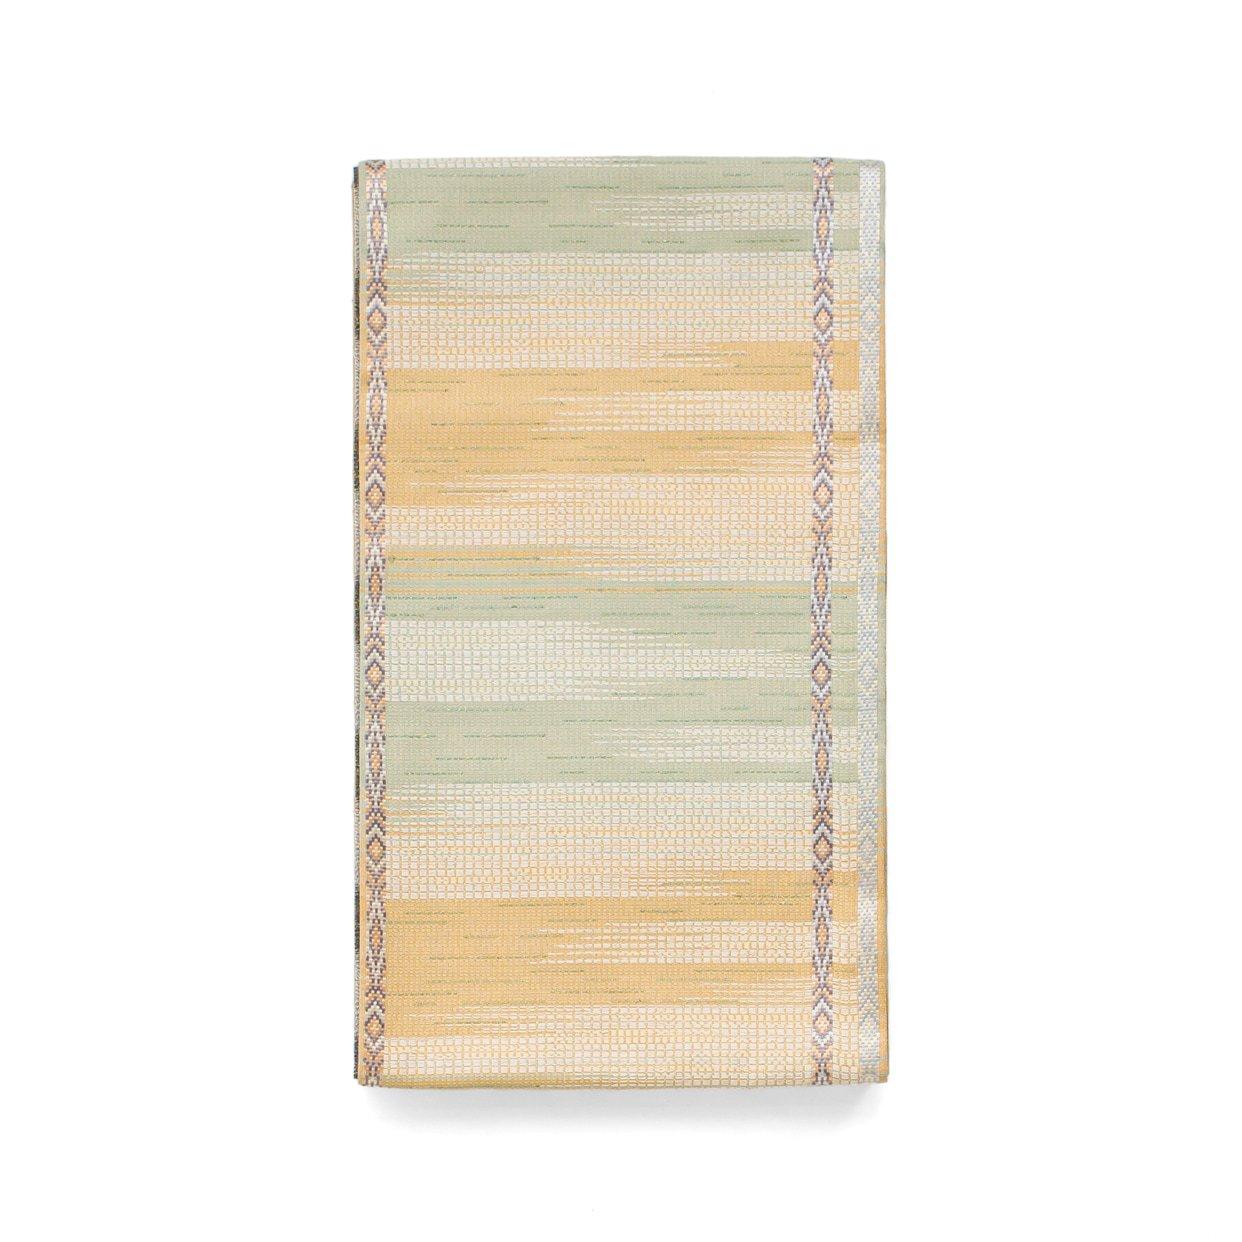 「洒落袋帯●リバーシブル 霞縞」の商品画像